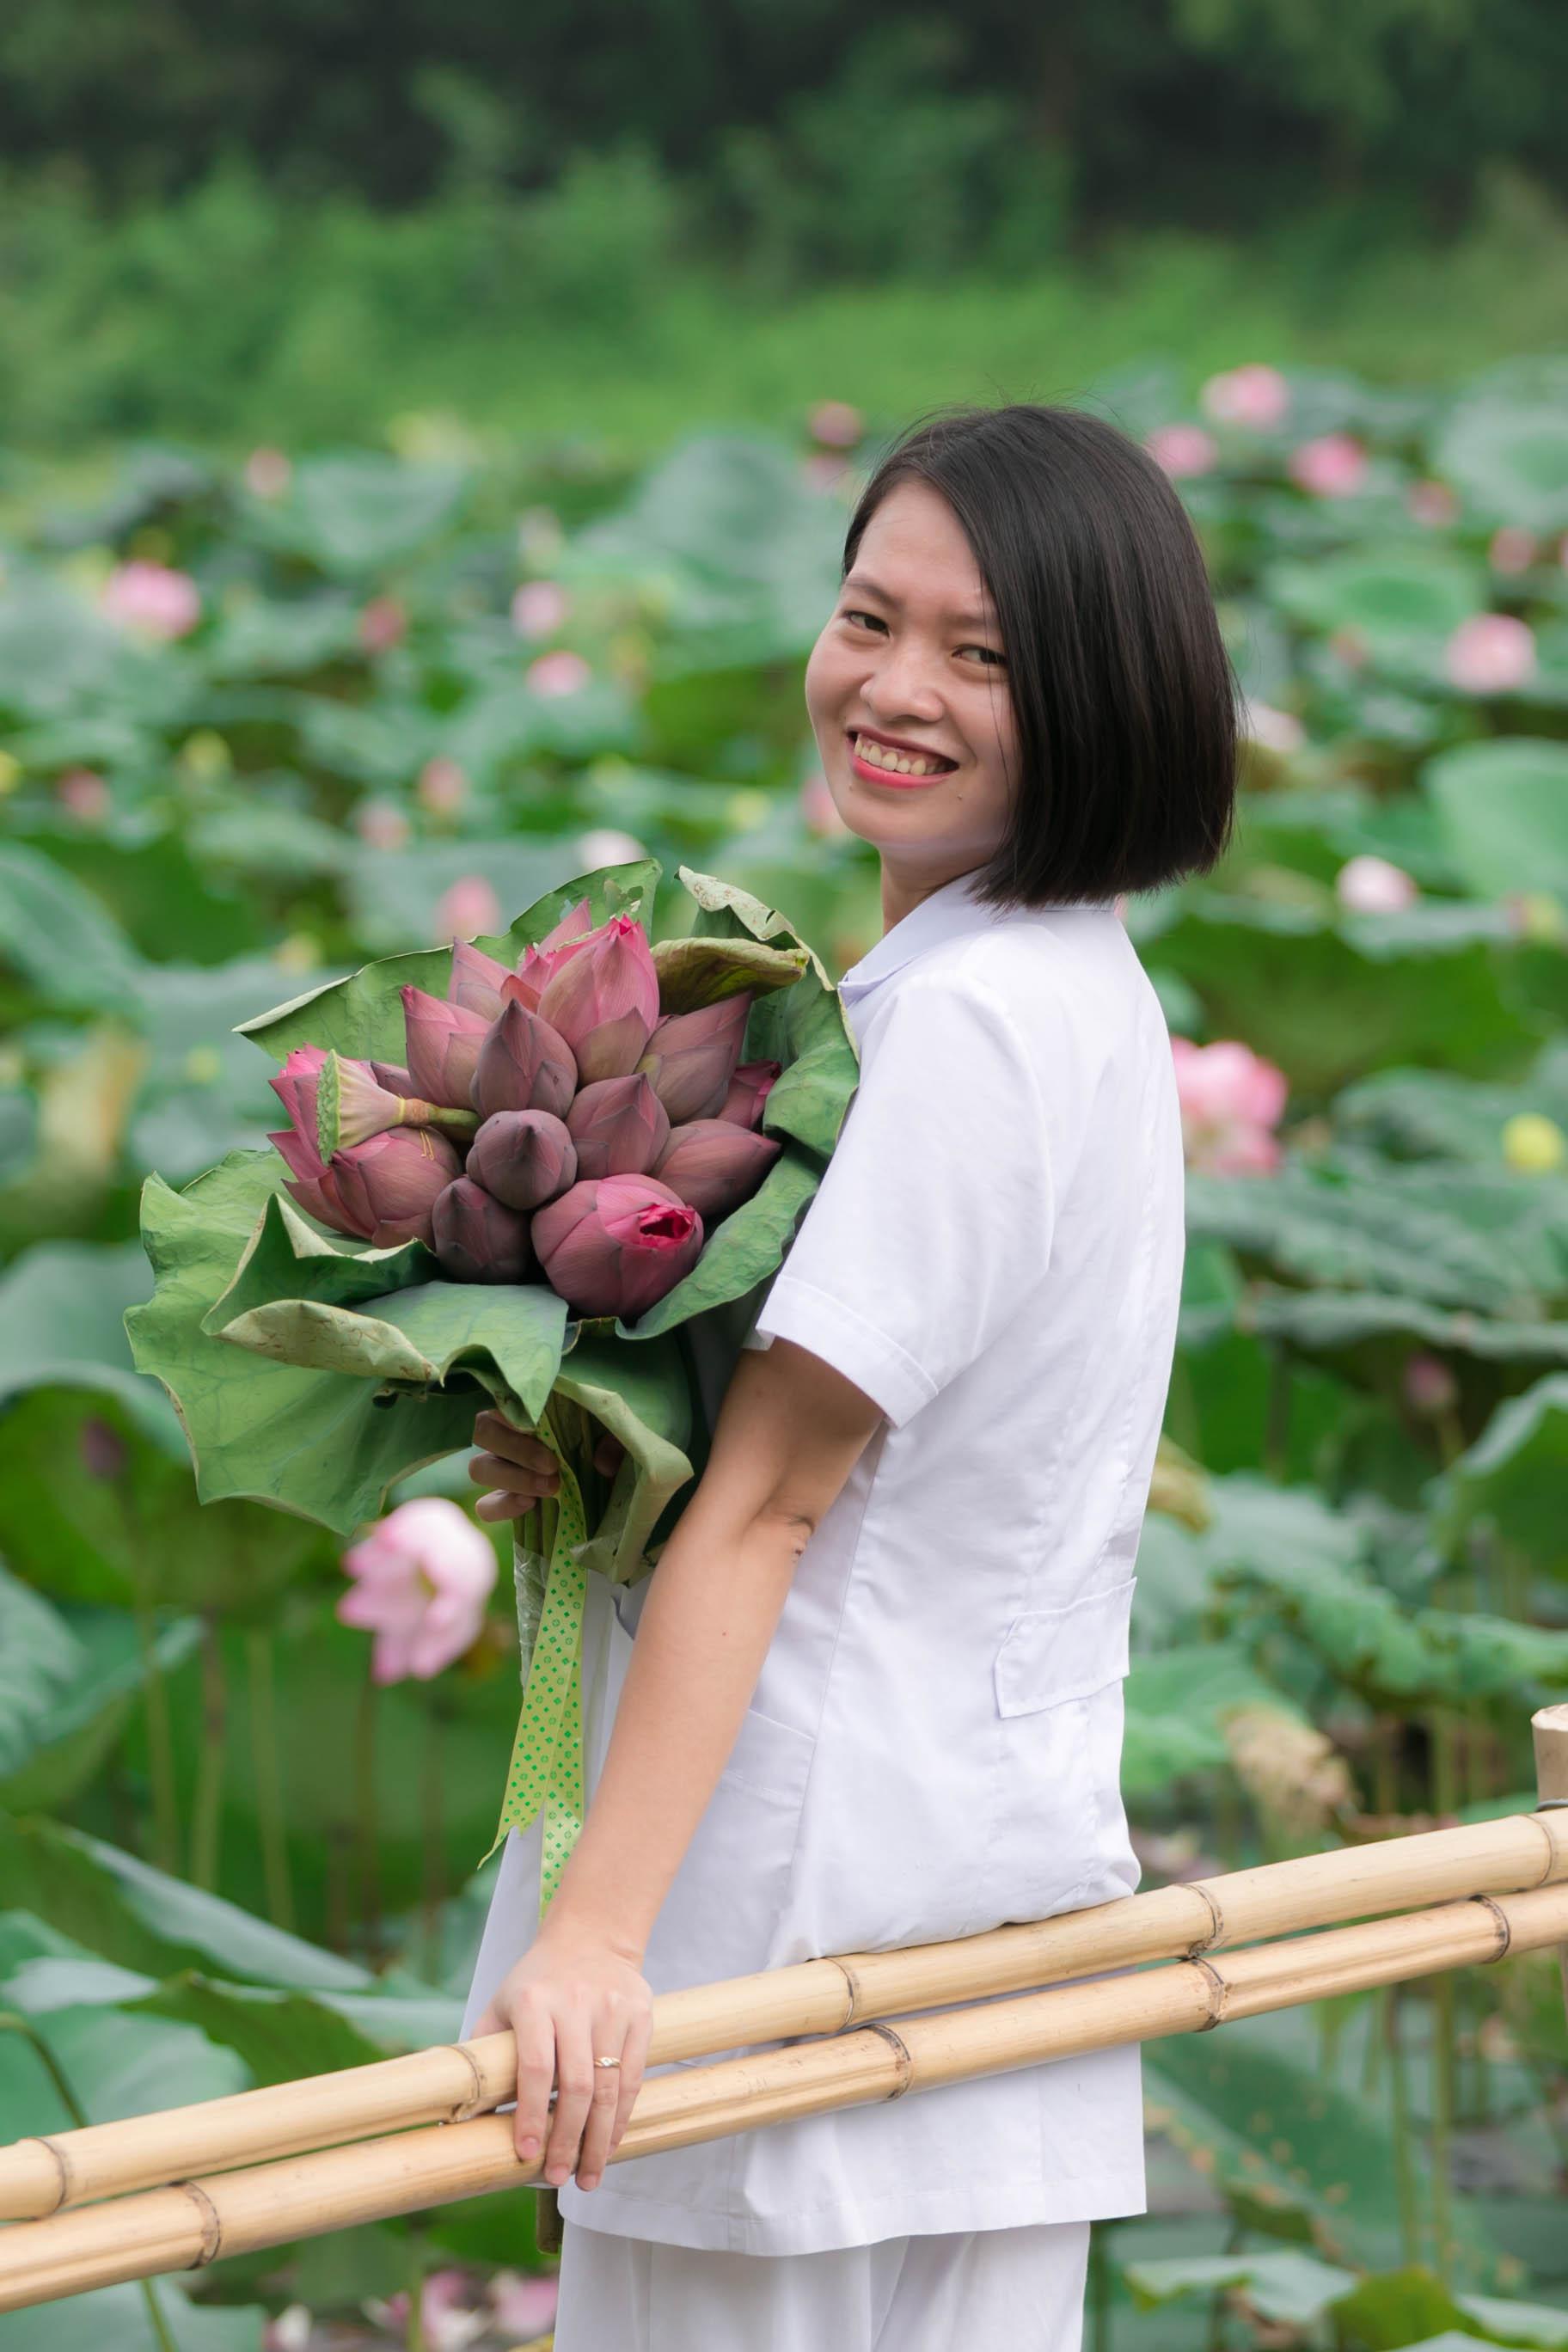 Chị Thiều Thị Hằng, cán bộ tổ Y tế, cũng tranh thủ chụp ảnh cùng bó hoa sen.